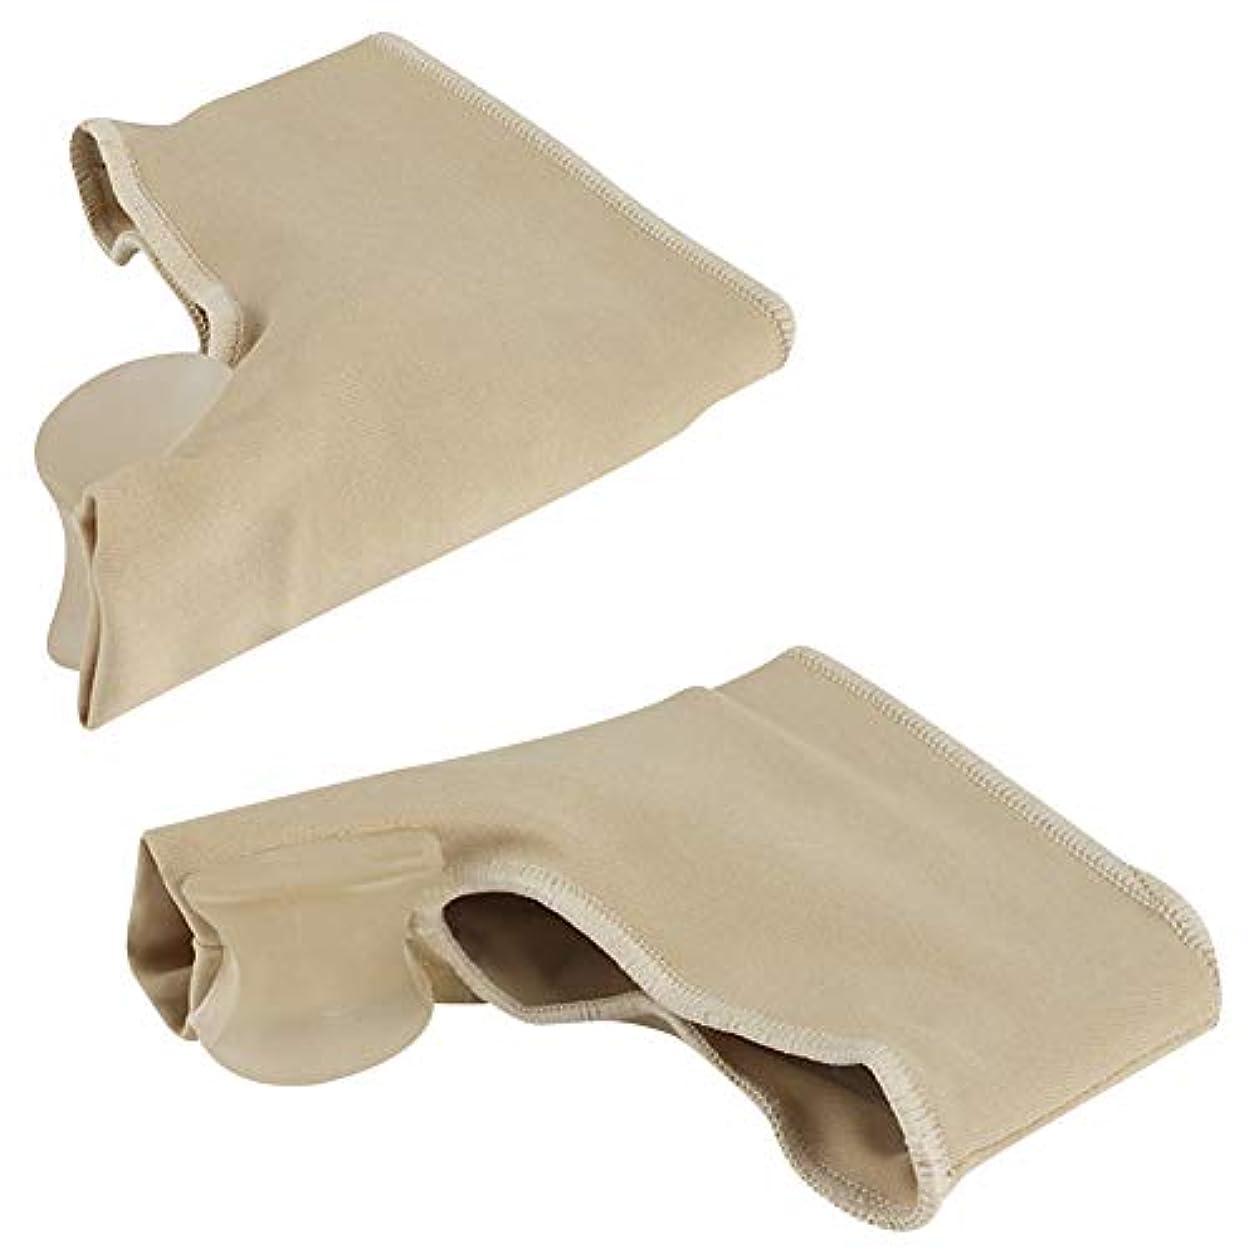 正しく回転する縮れたOUYOU 足指サポーター 足指を広げる 外反母趾 足指矯正パッド 血行促進 シリコン (M)